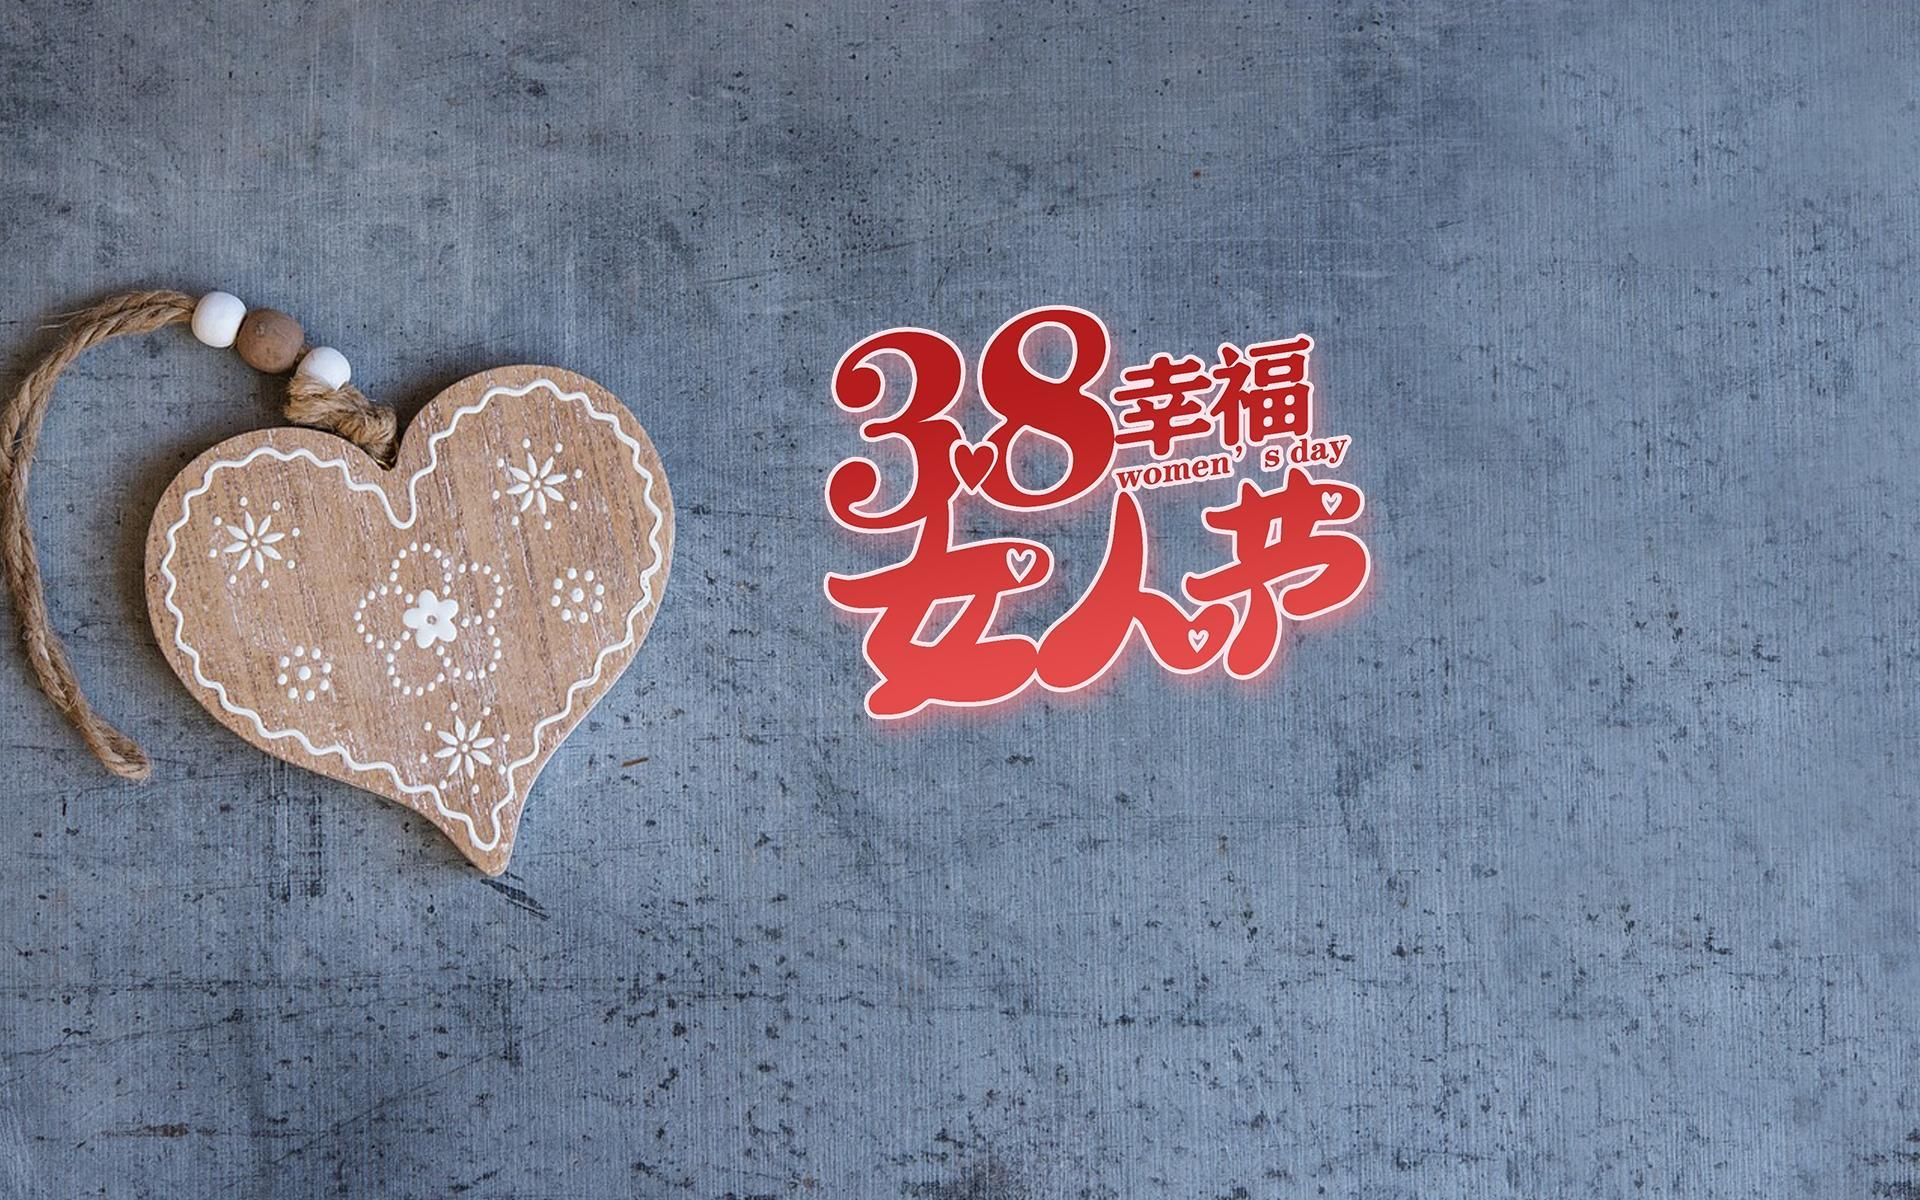 节日美图,38妇女,,幸福,,女人节